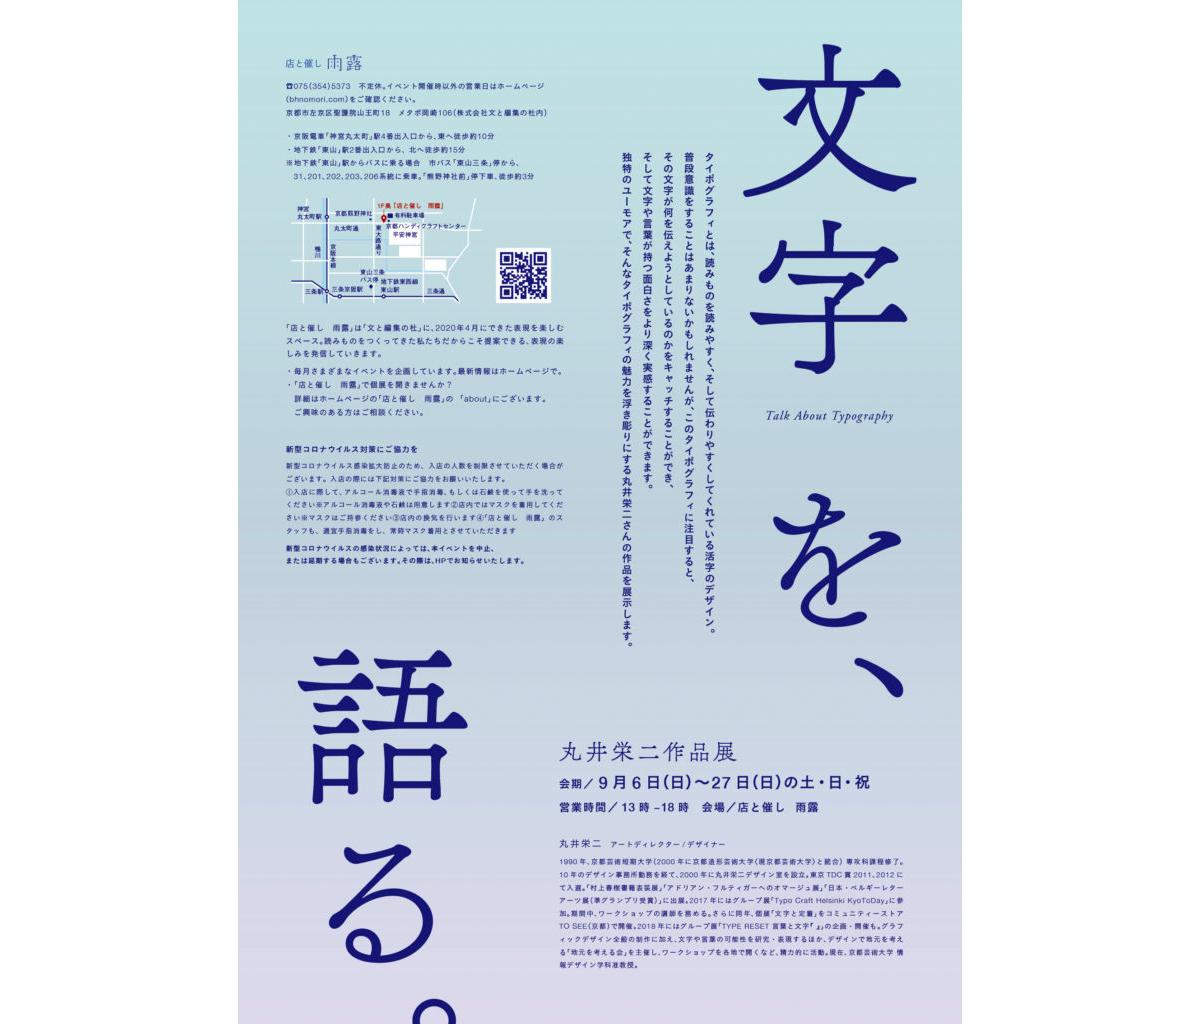 200912event_kansai_04